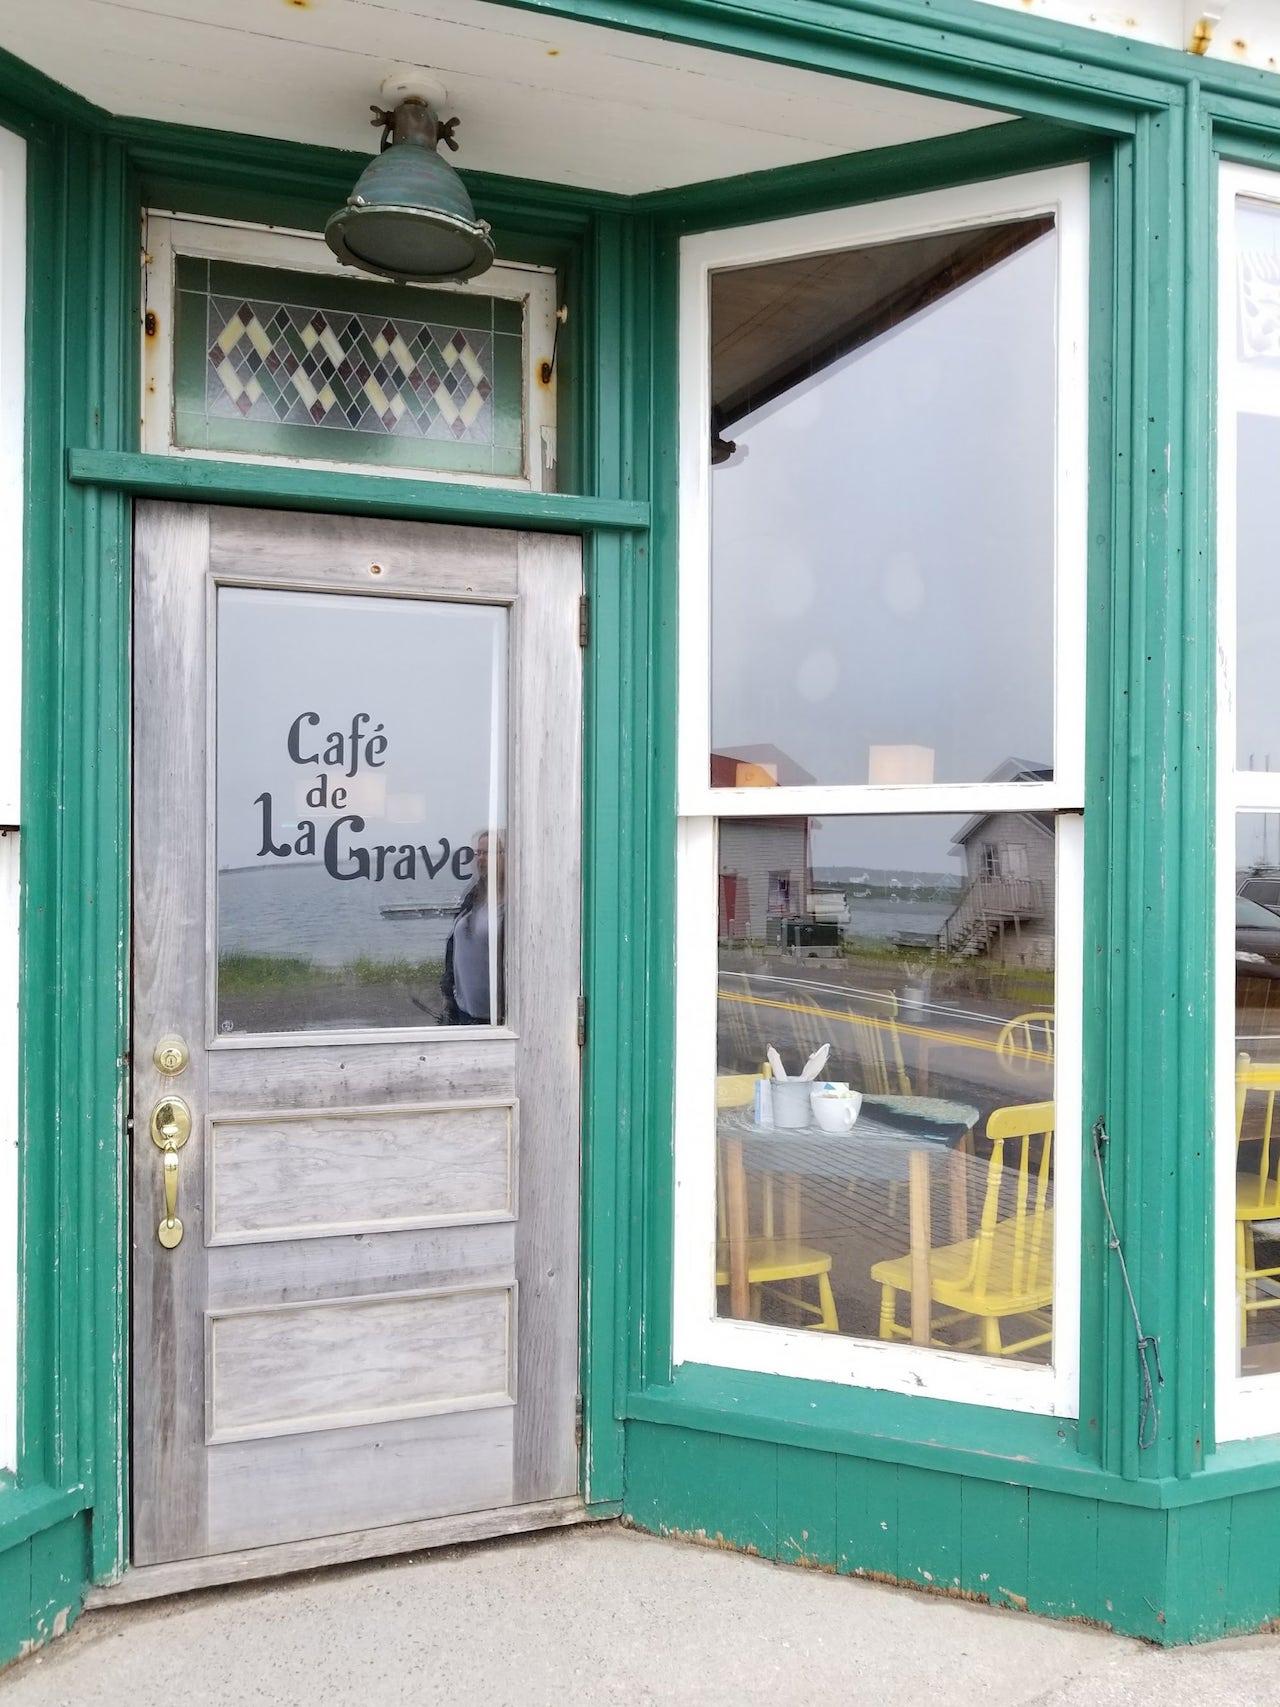 Les Iles de la Madeleine le cafe de la grave 1-min